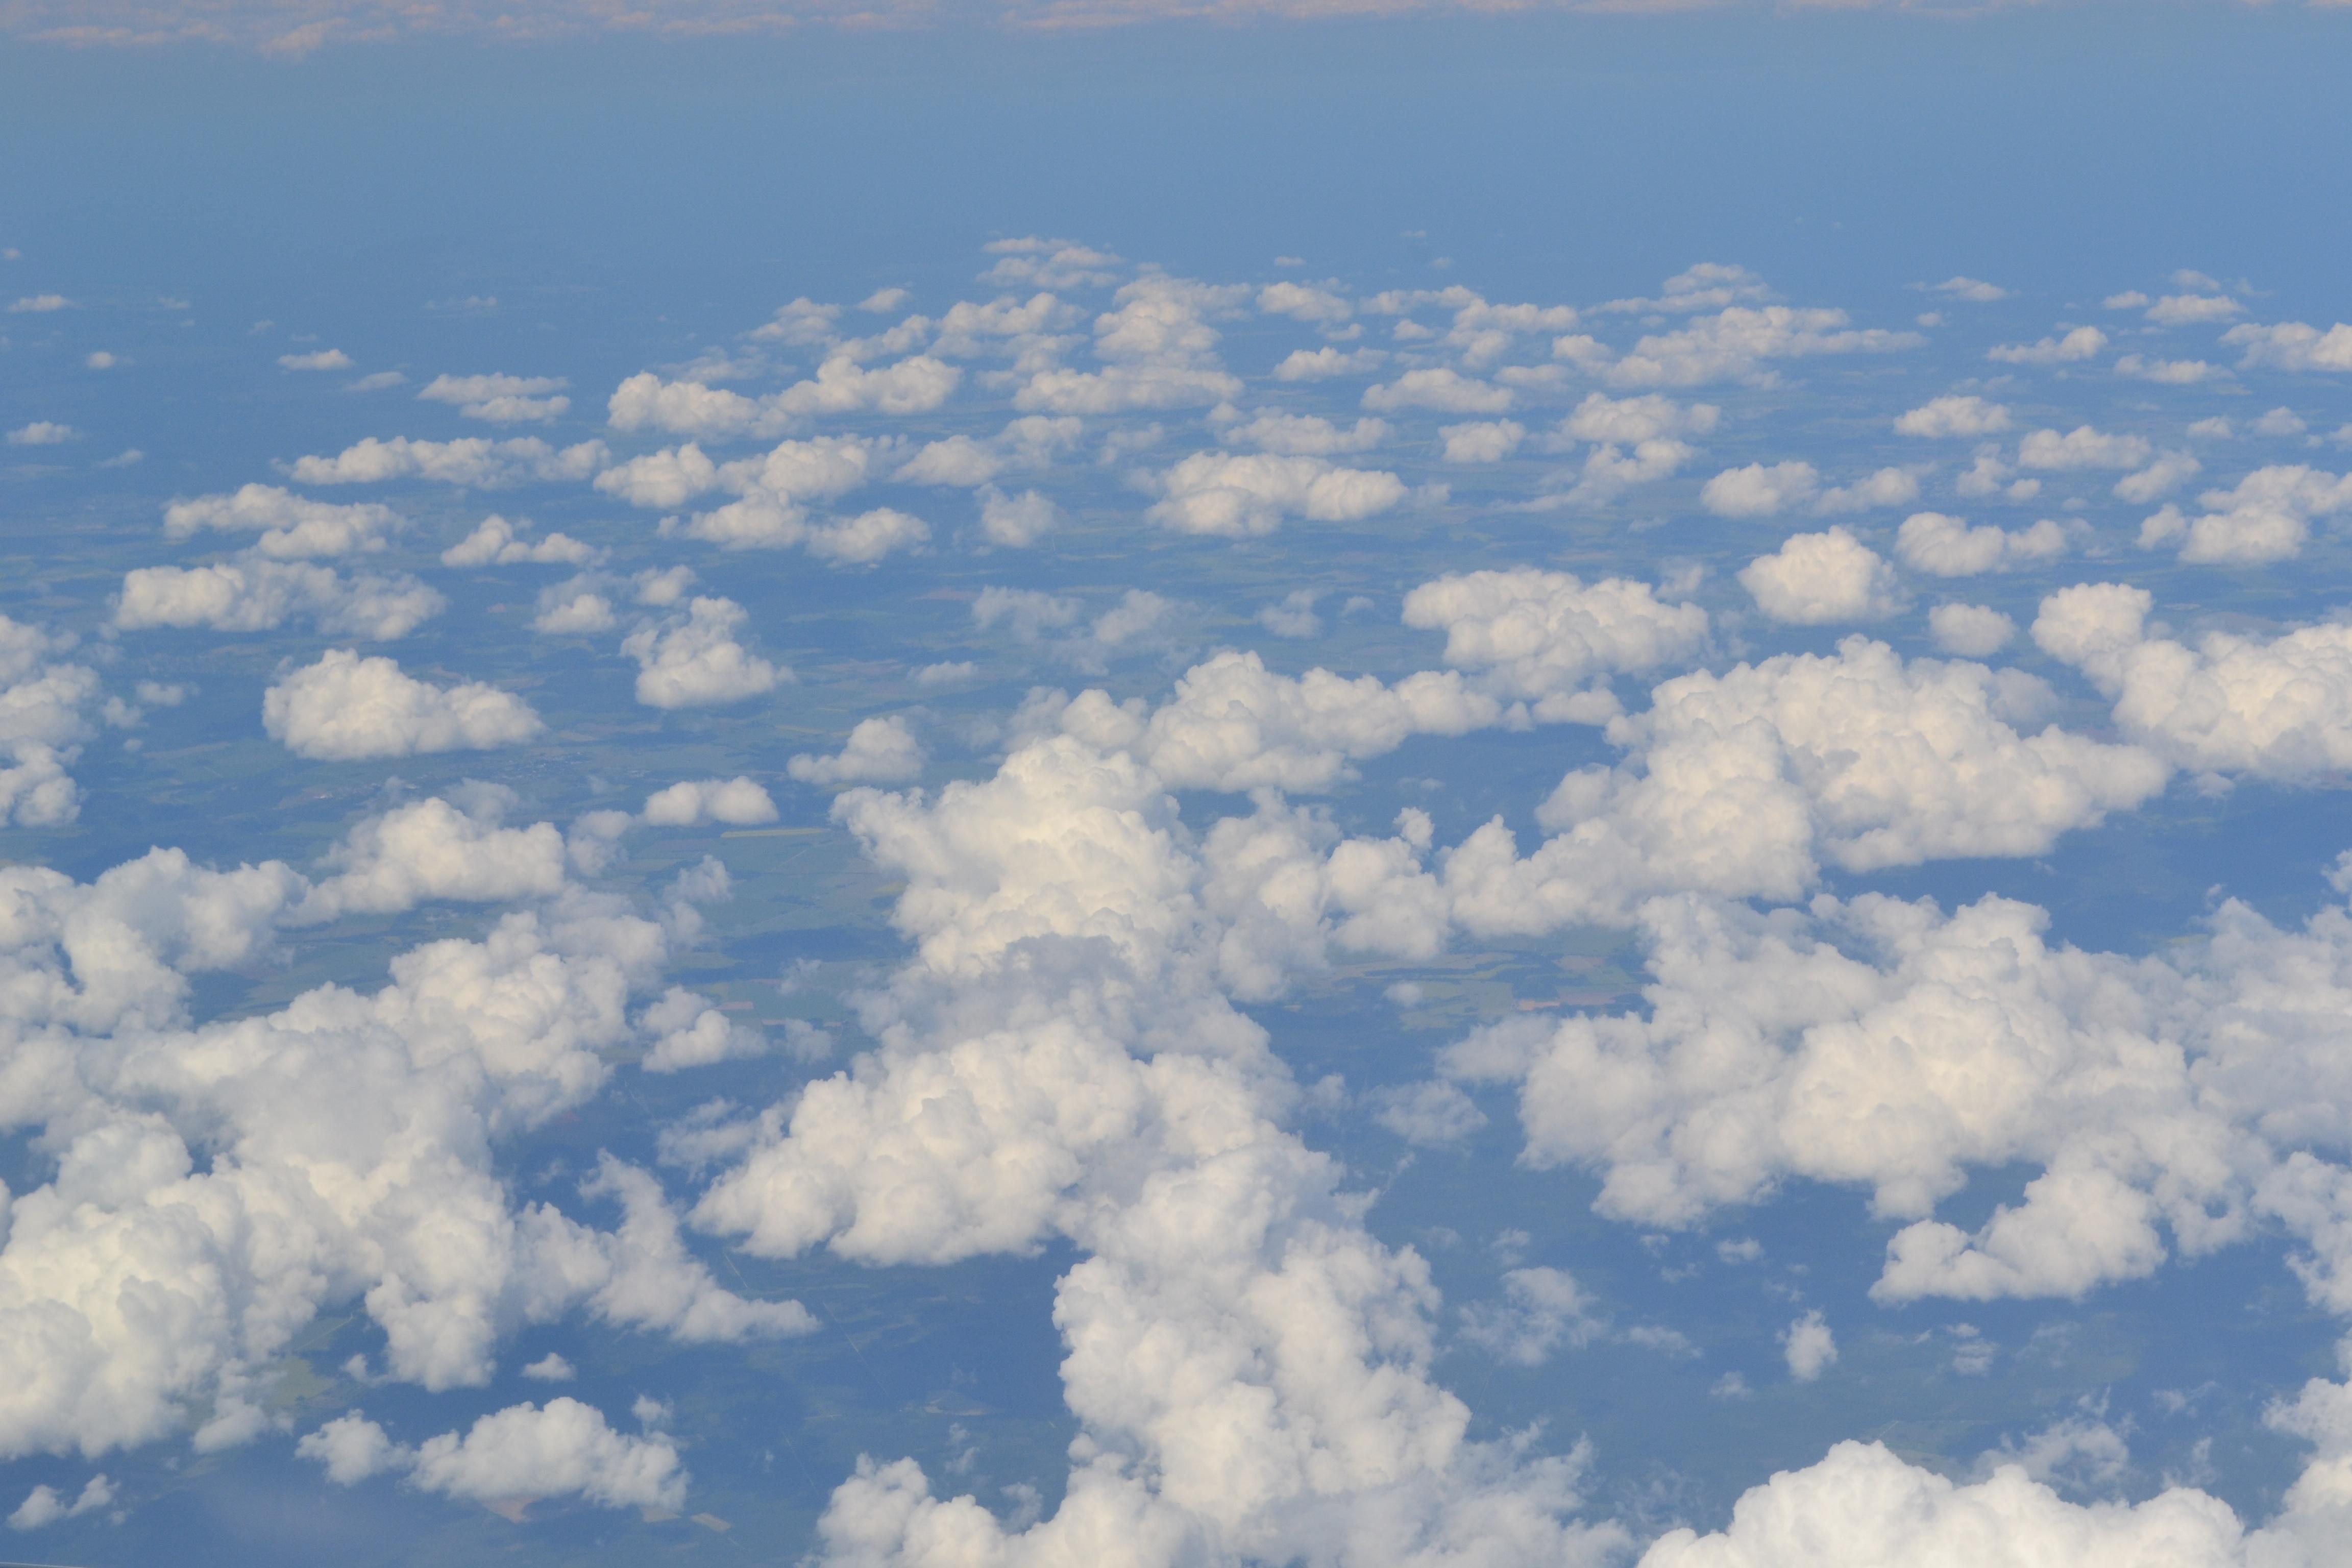 некоторым данным, фото облаков сверху поселка протяженная